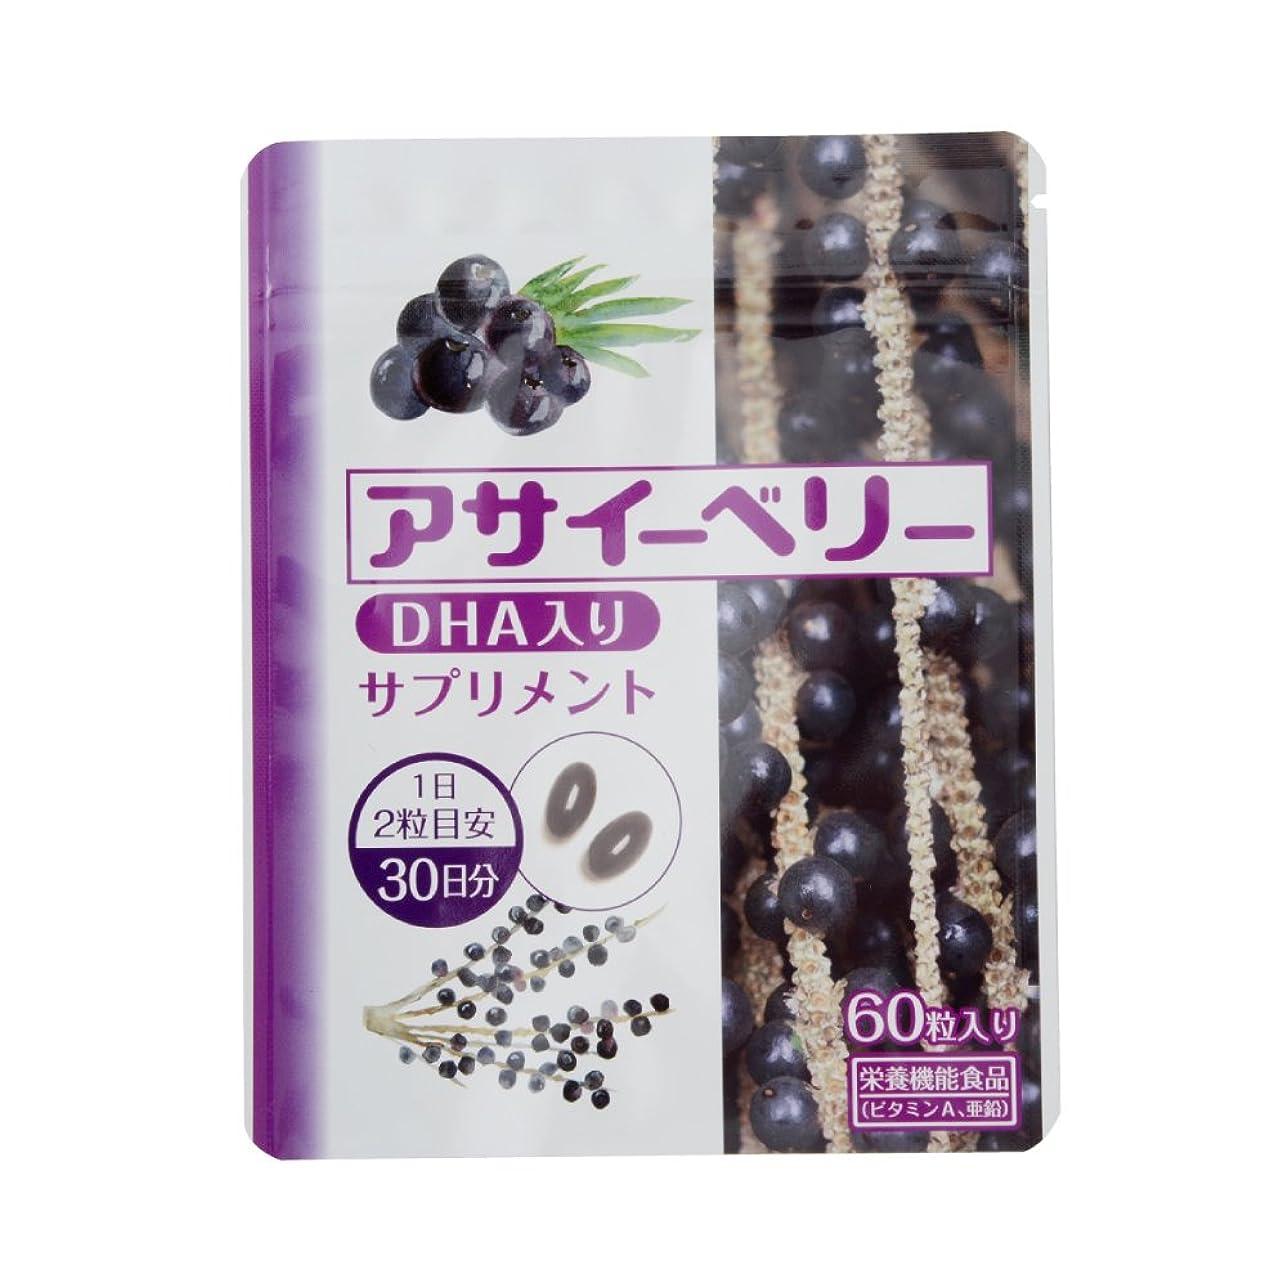 加害者猟犬マッサージアサイーベリー DHA入り 60粒【栄養機能食品(ビタミンA、亜鉛)】 (1)